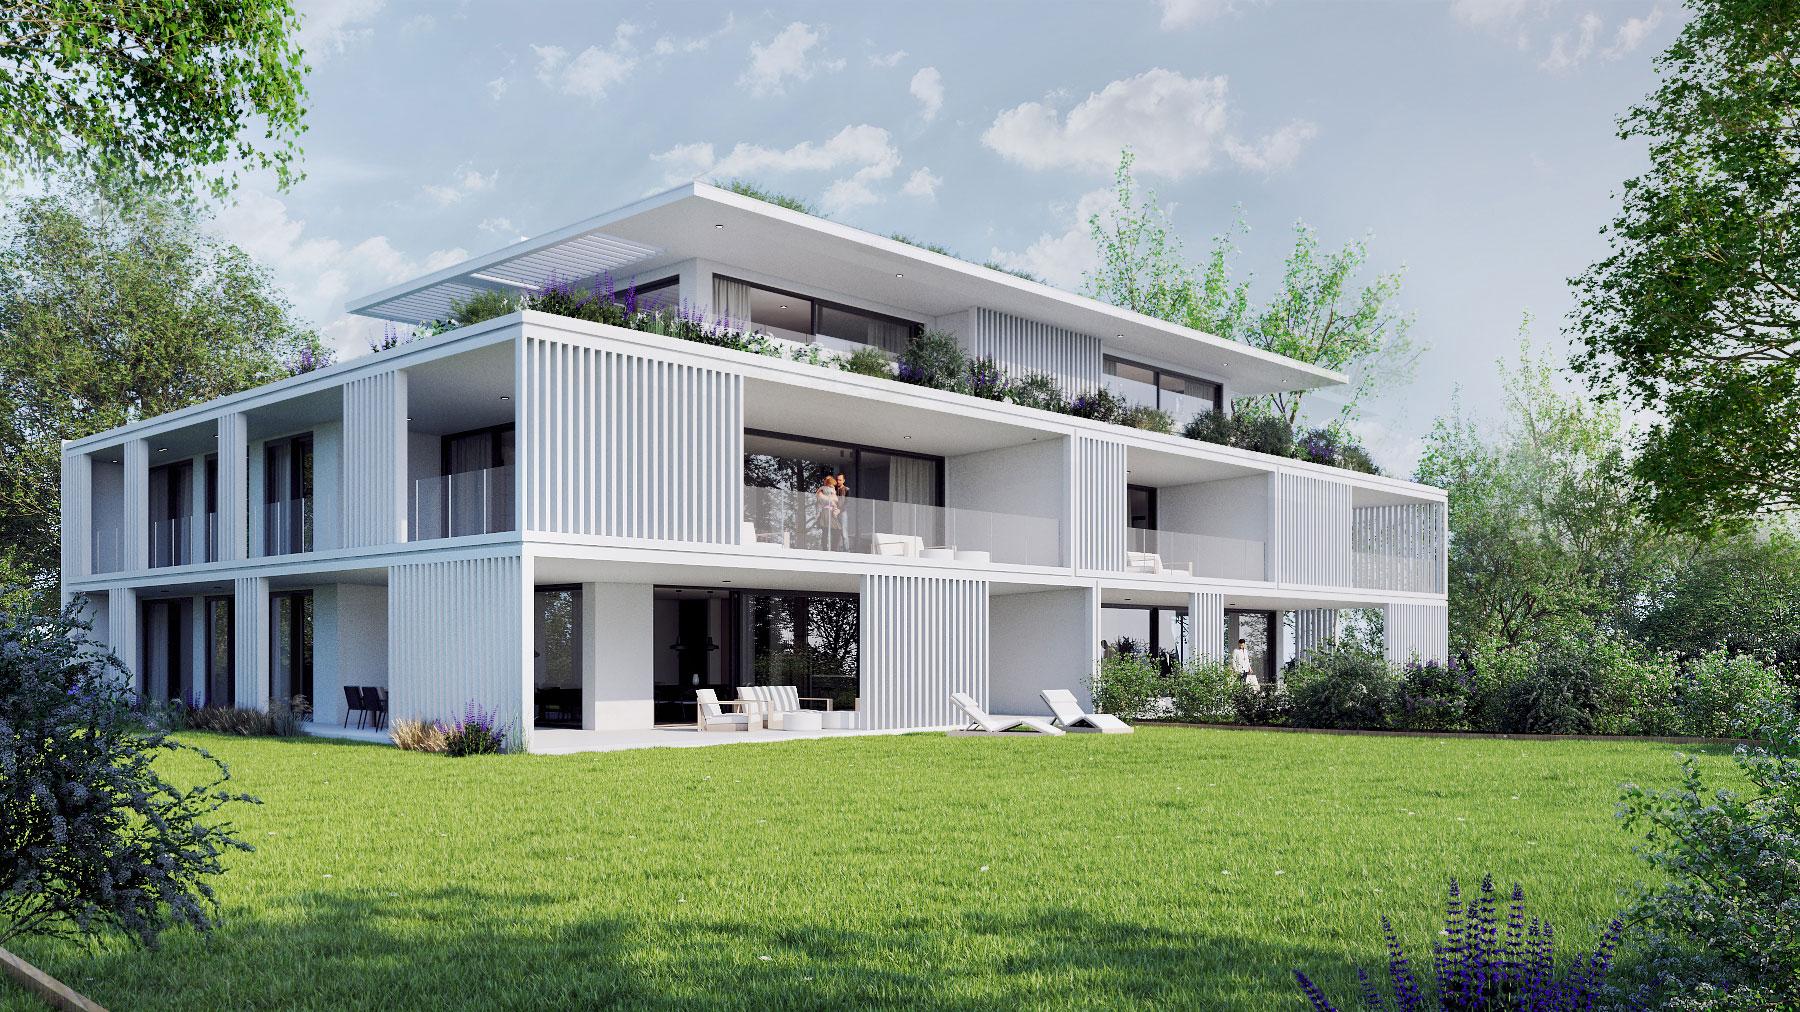 Le Cocon d'Ehden le-cocon-d-ehden-cologny-01 Architecture